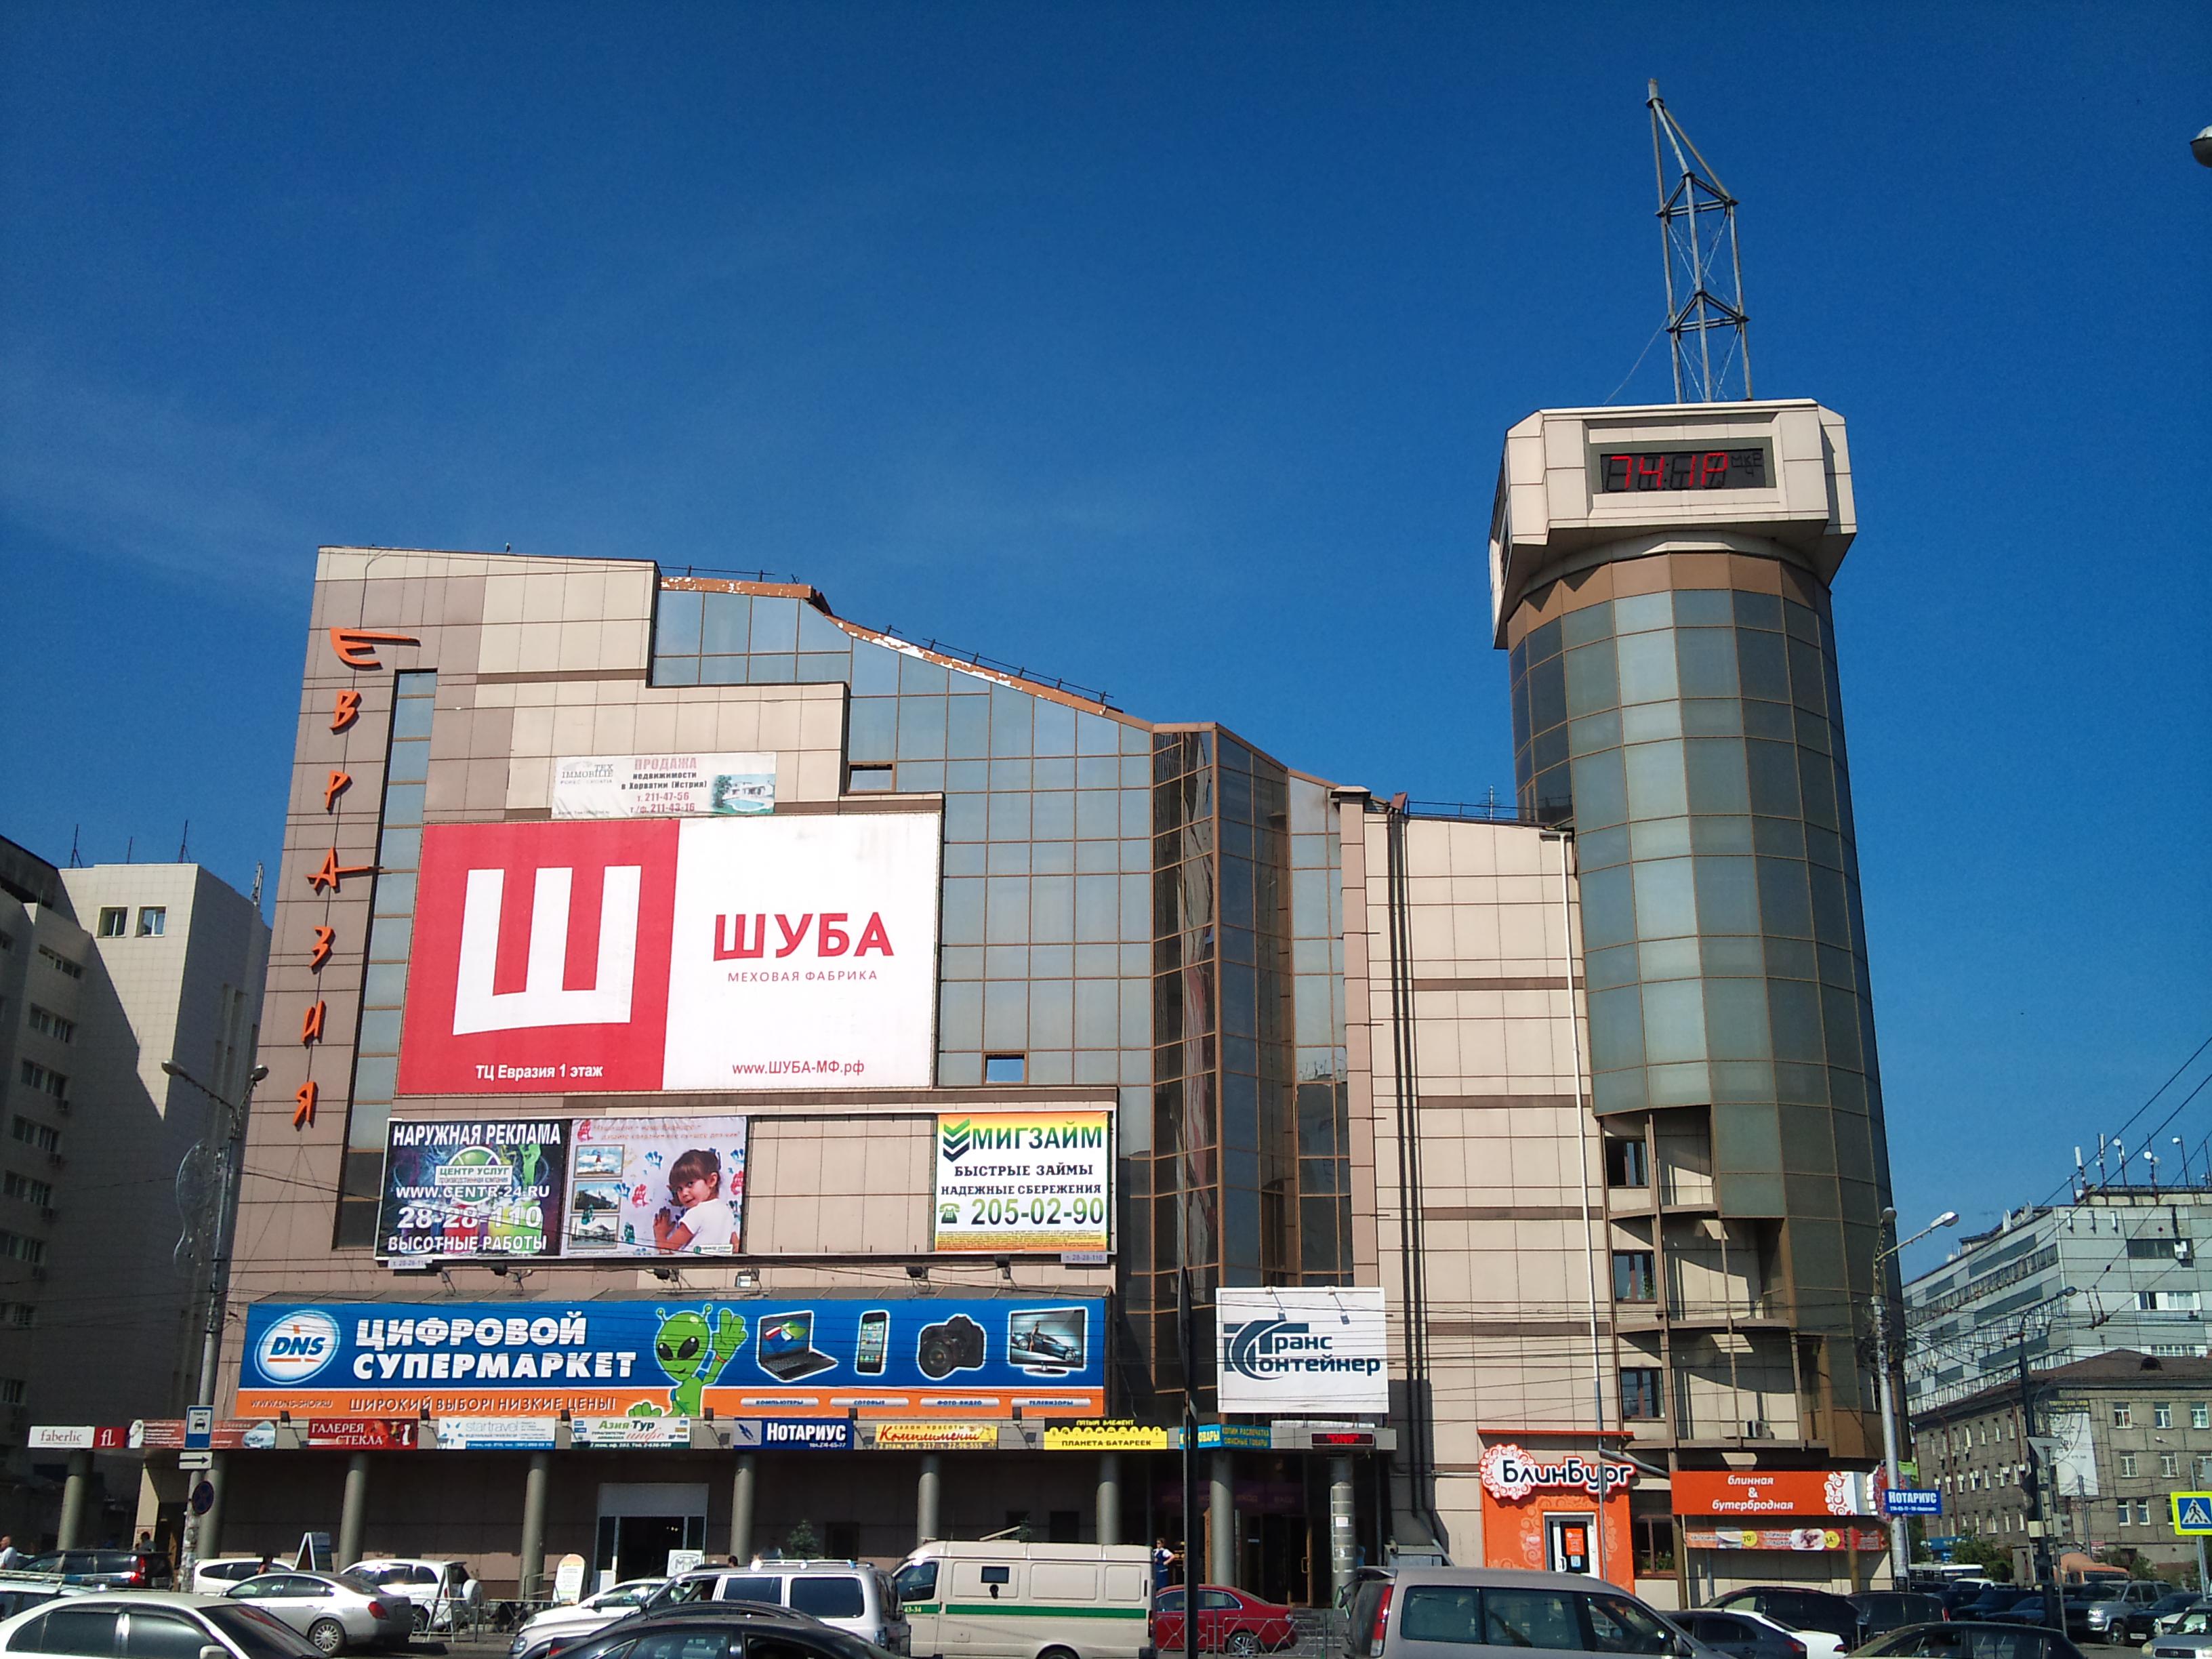 Красноярск ТЦ Евразия рядом с Администрацией города. 8.06.2012 года